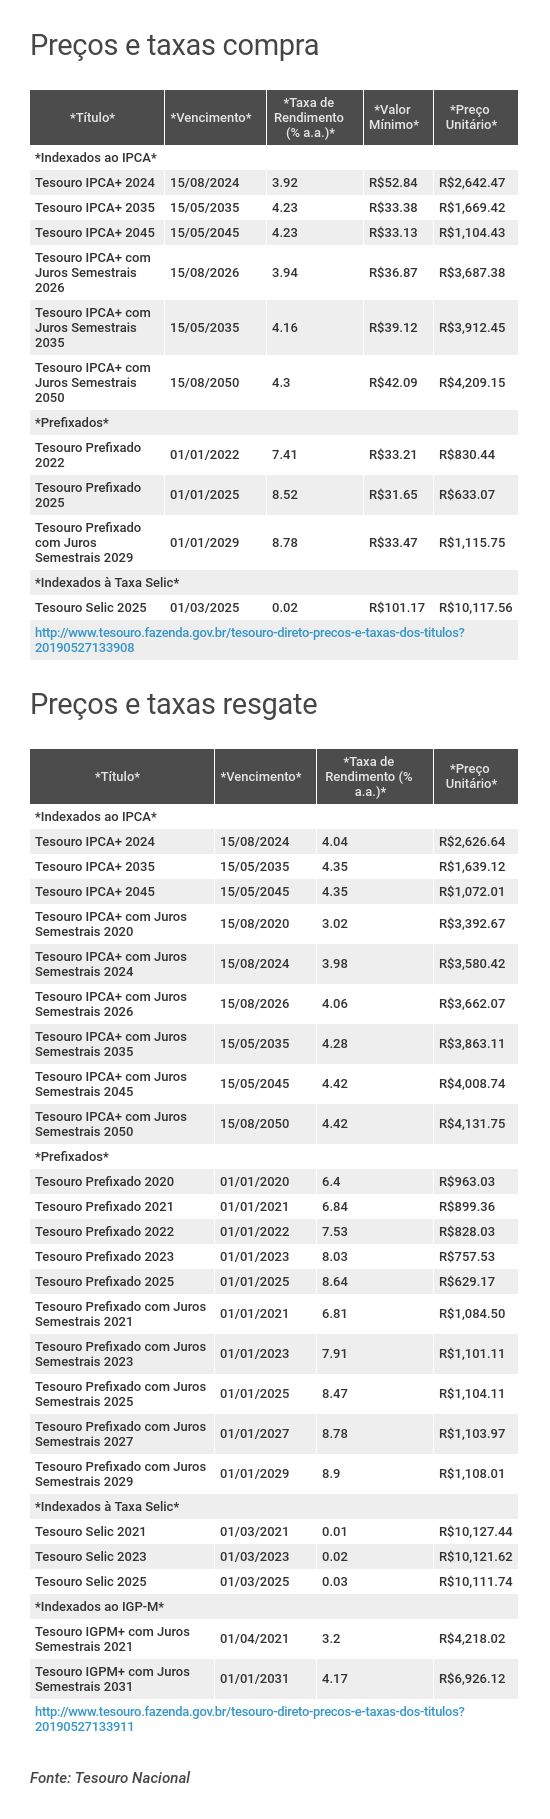 Preços e taxas do Tesouro Direto em 27 de maio de 2019 - abertura